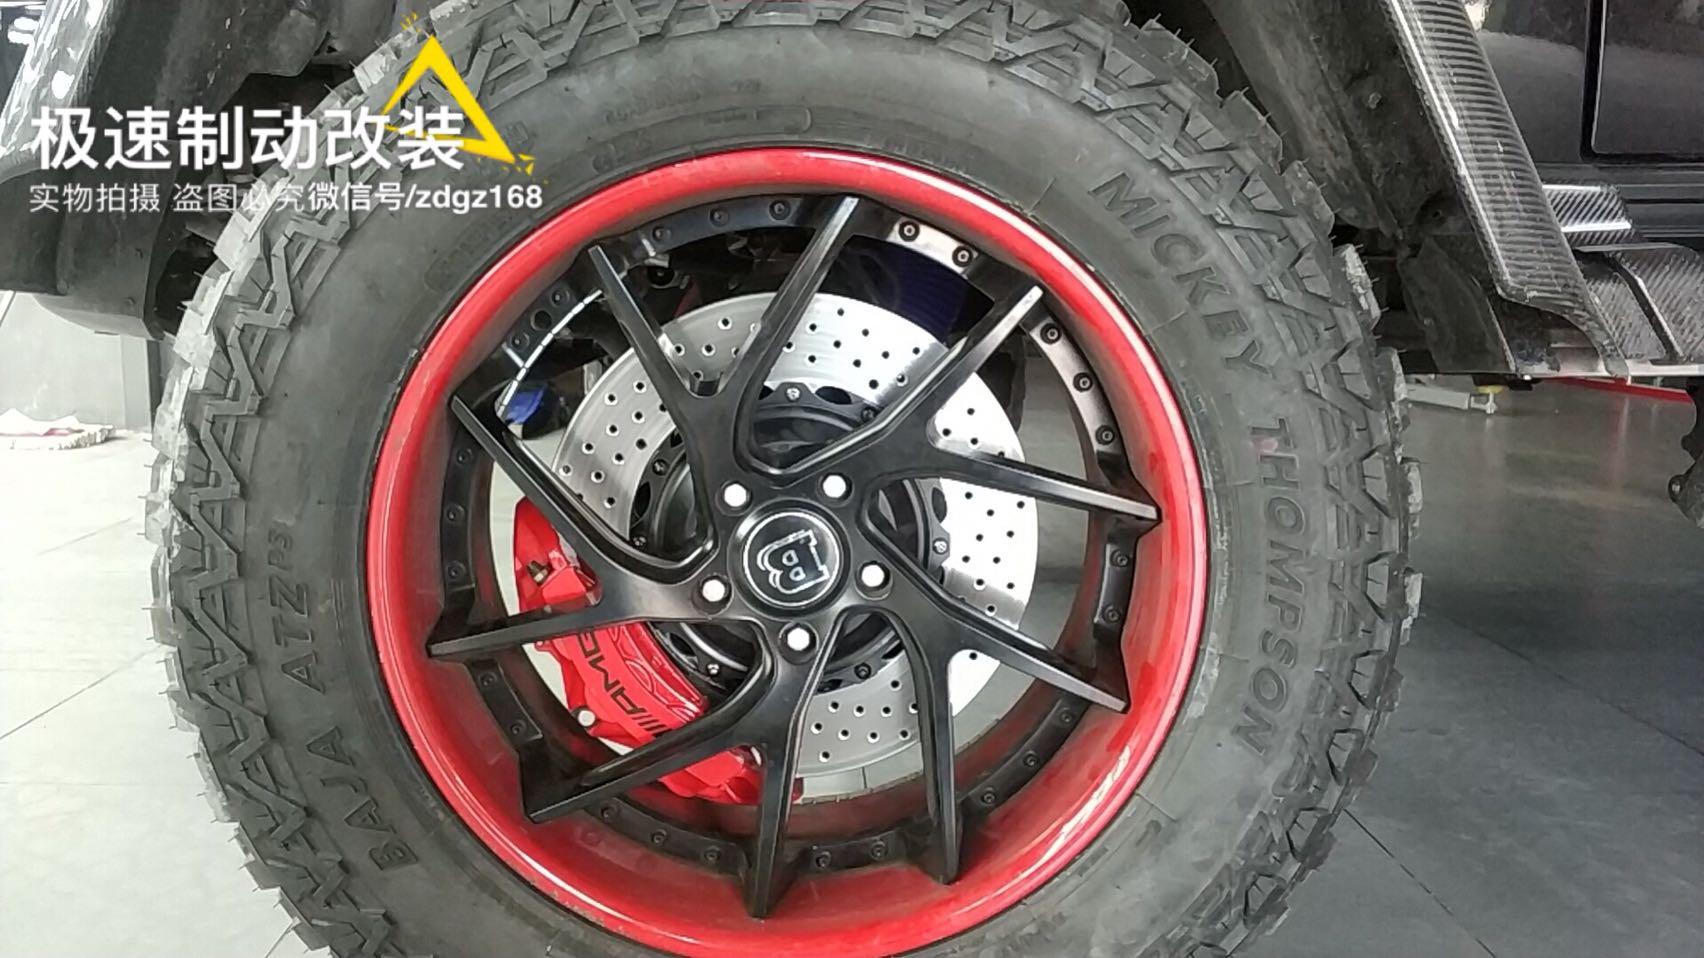 奔驰G350刹车升级奔驰原厂AMG大六刹车套件,奔驰车型专车专用、尊贵奢华身份象征